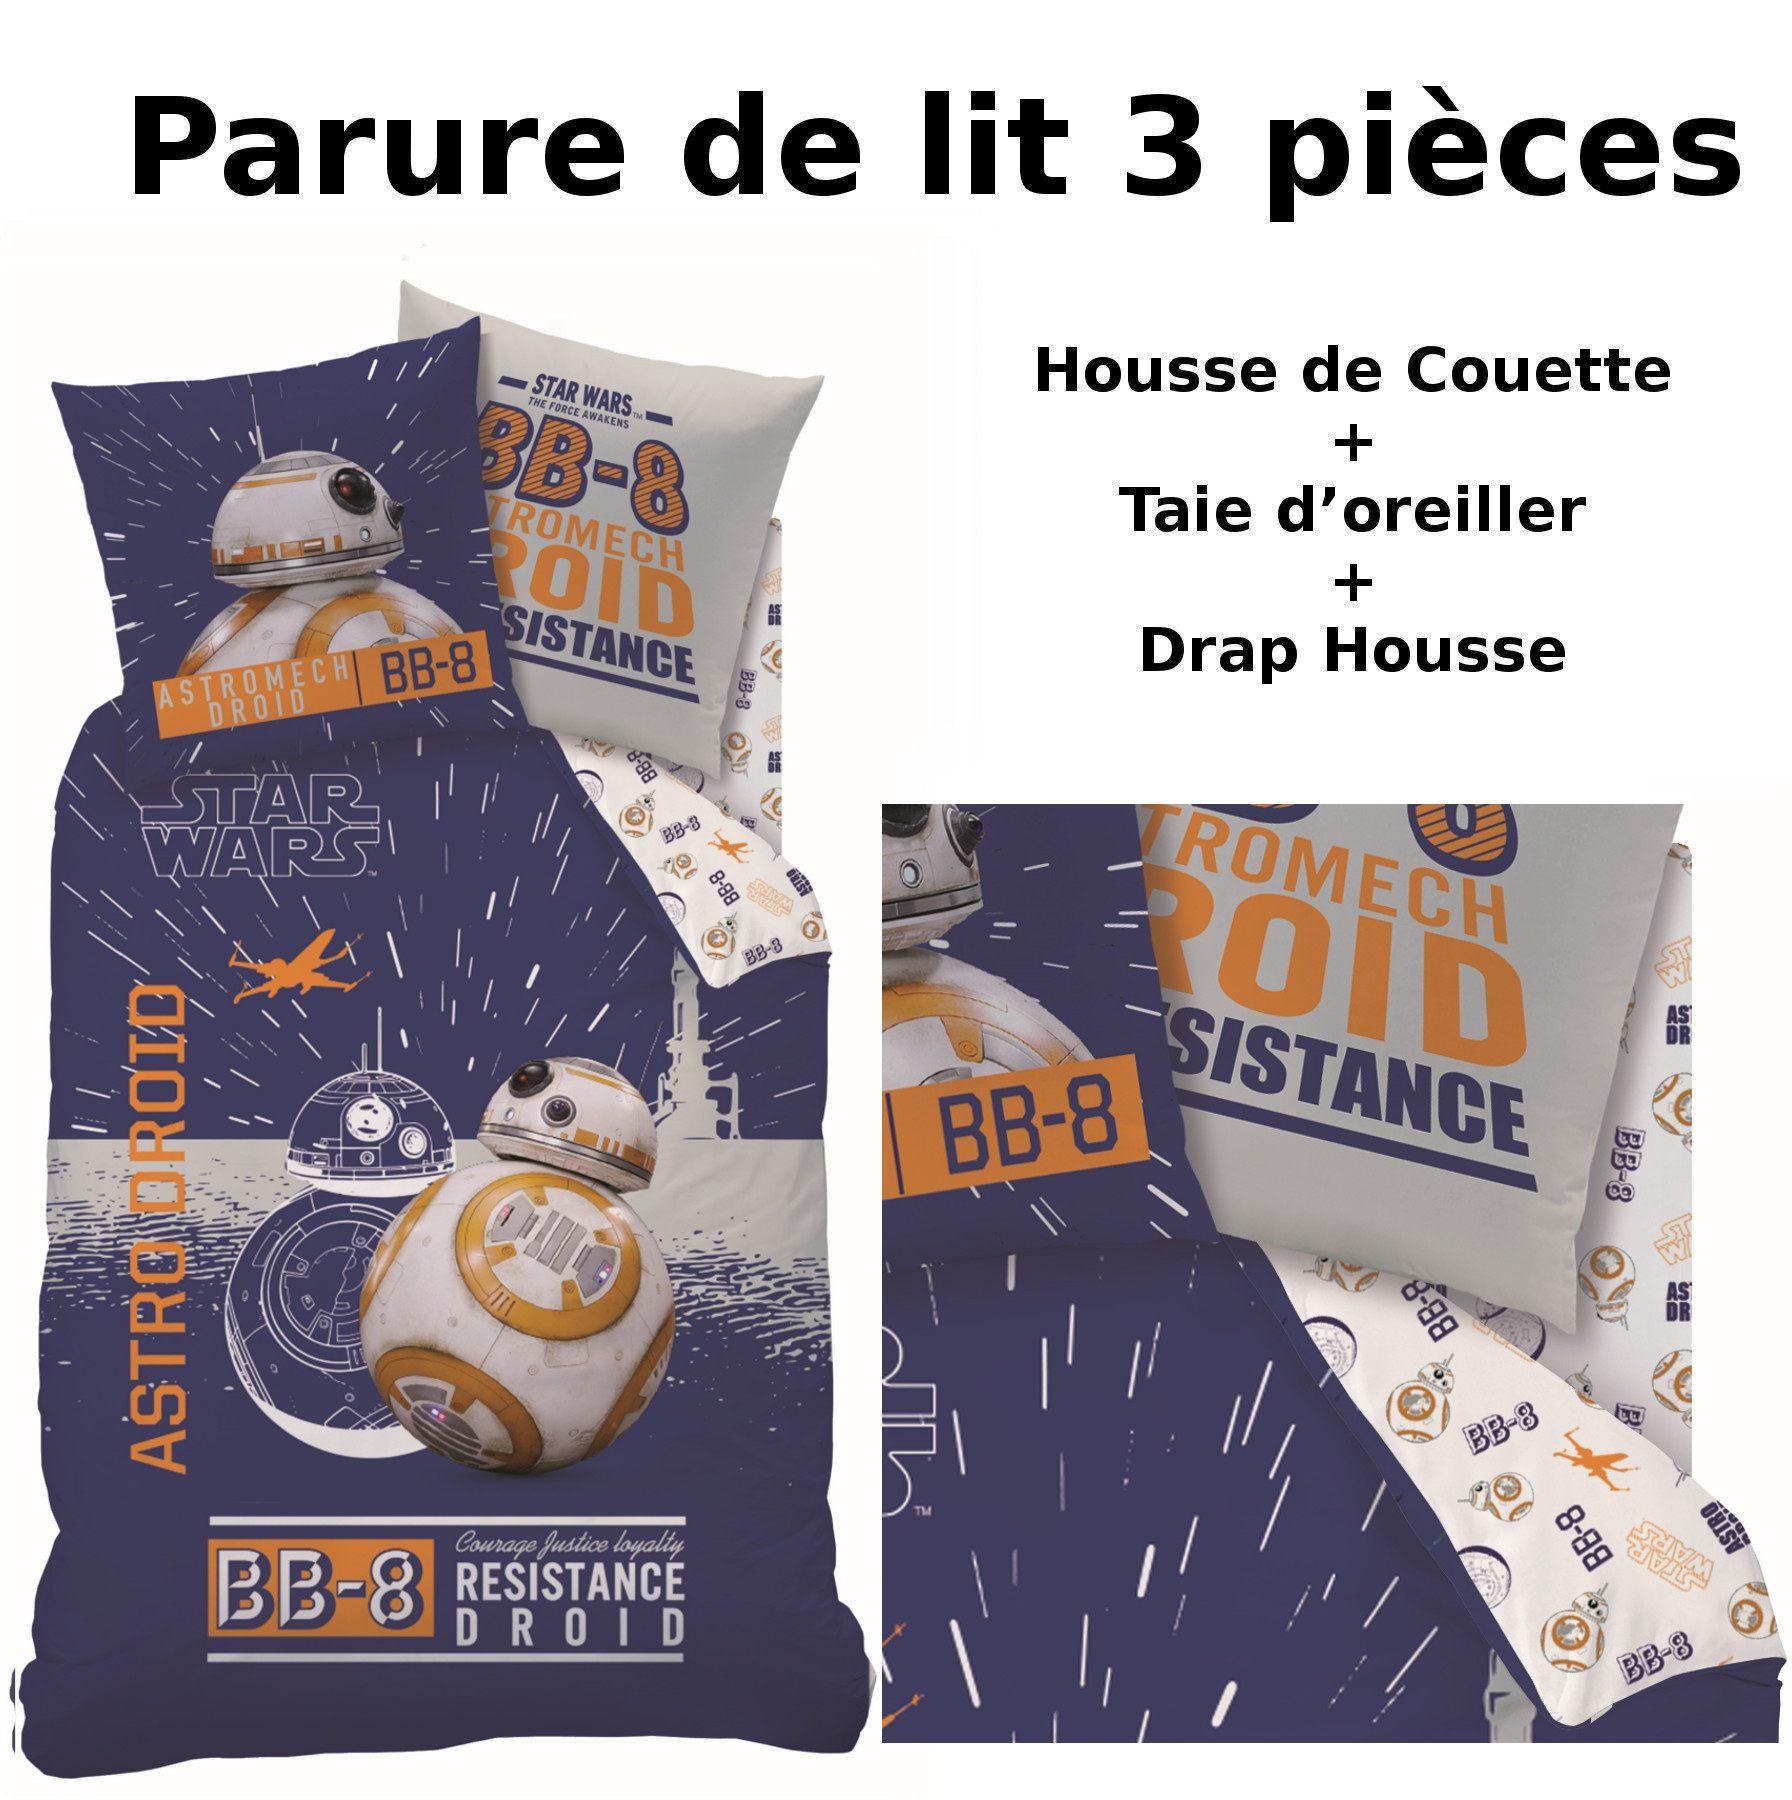 Parure De Lit 90x190 Luxe Star Wars Bb8 Parure De Lit 3pcs Housse De Couette Taie D